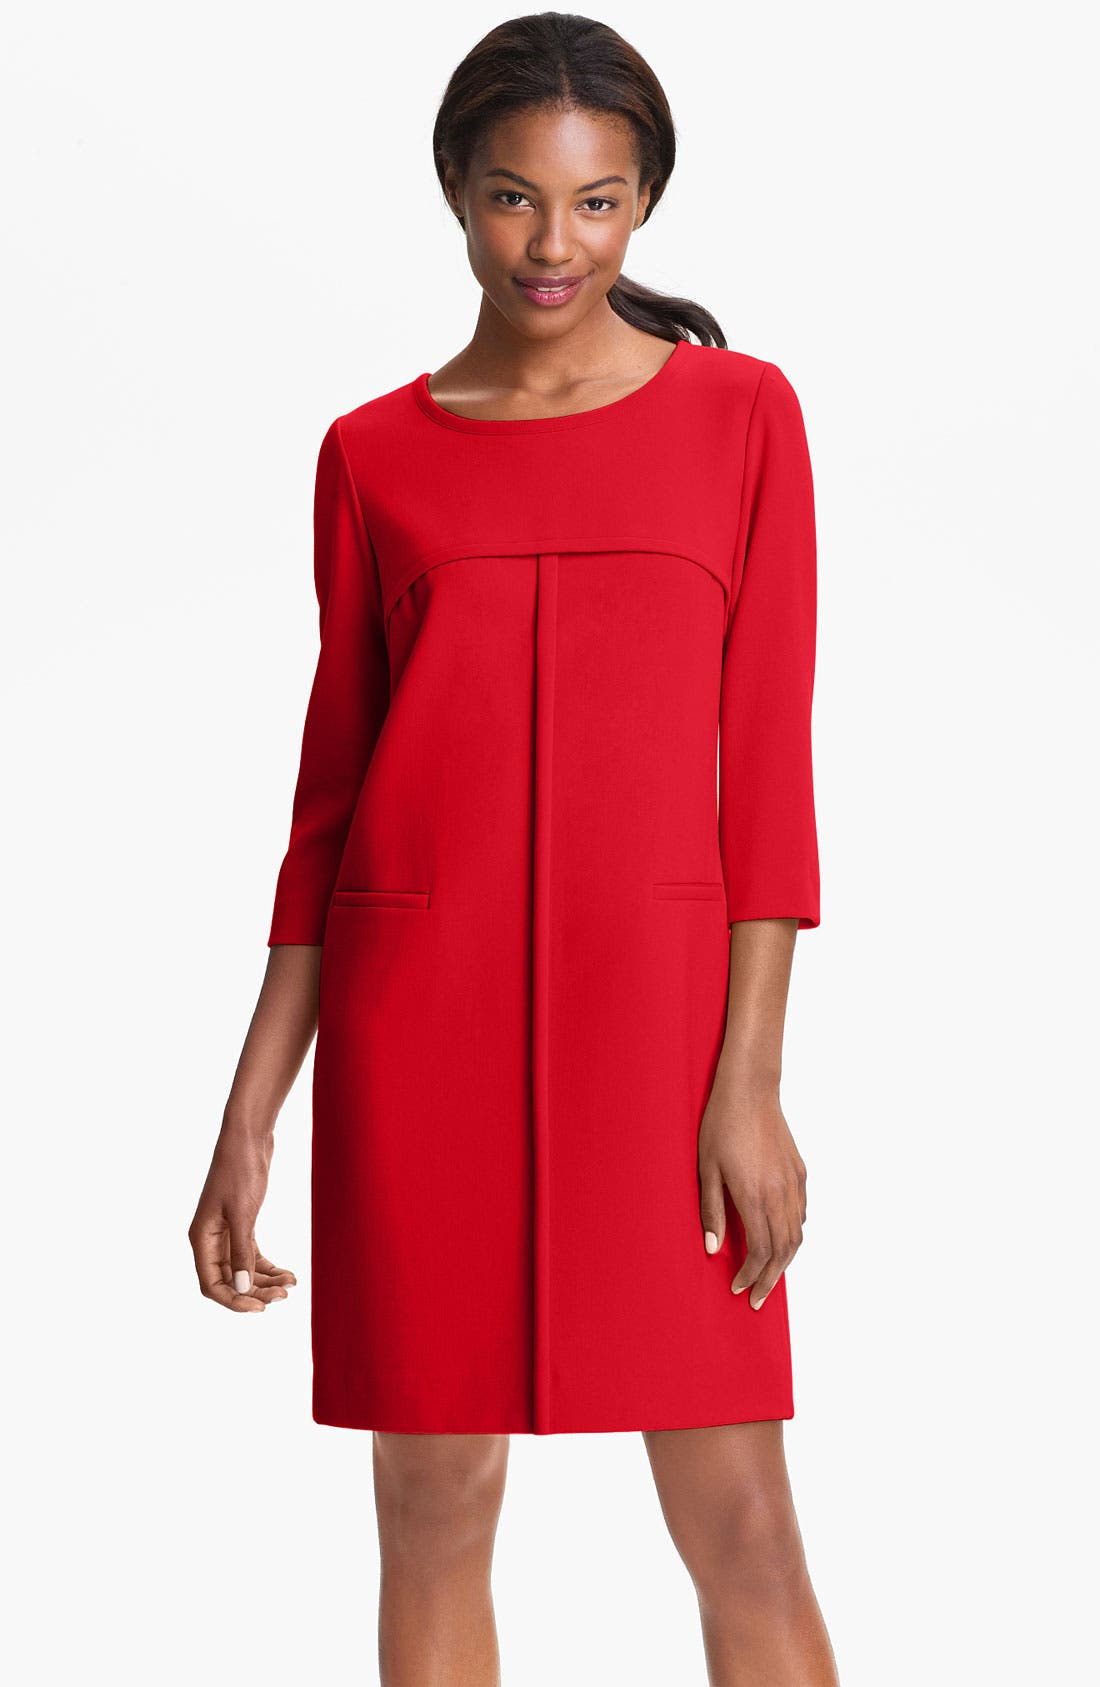 Alternate Image 1 Selected - Tahari Ponte Shift Dress (Petite)